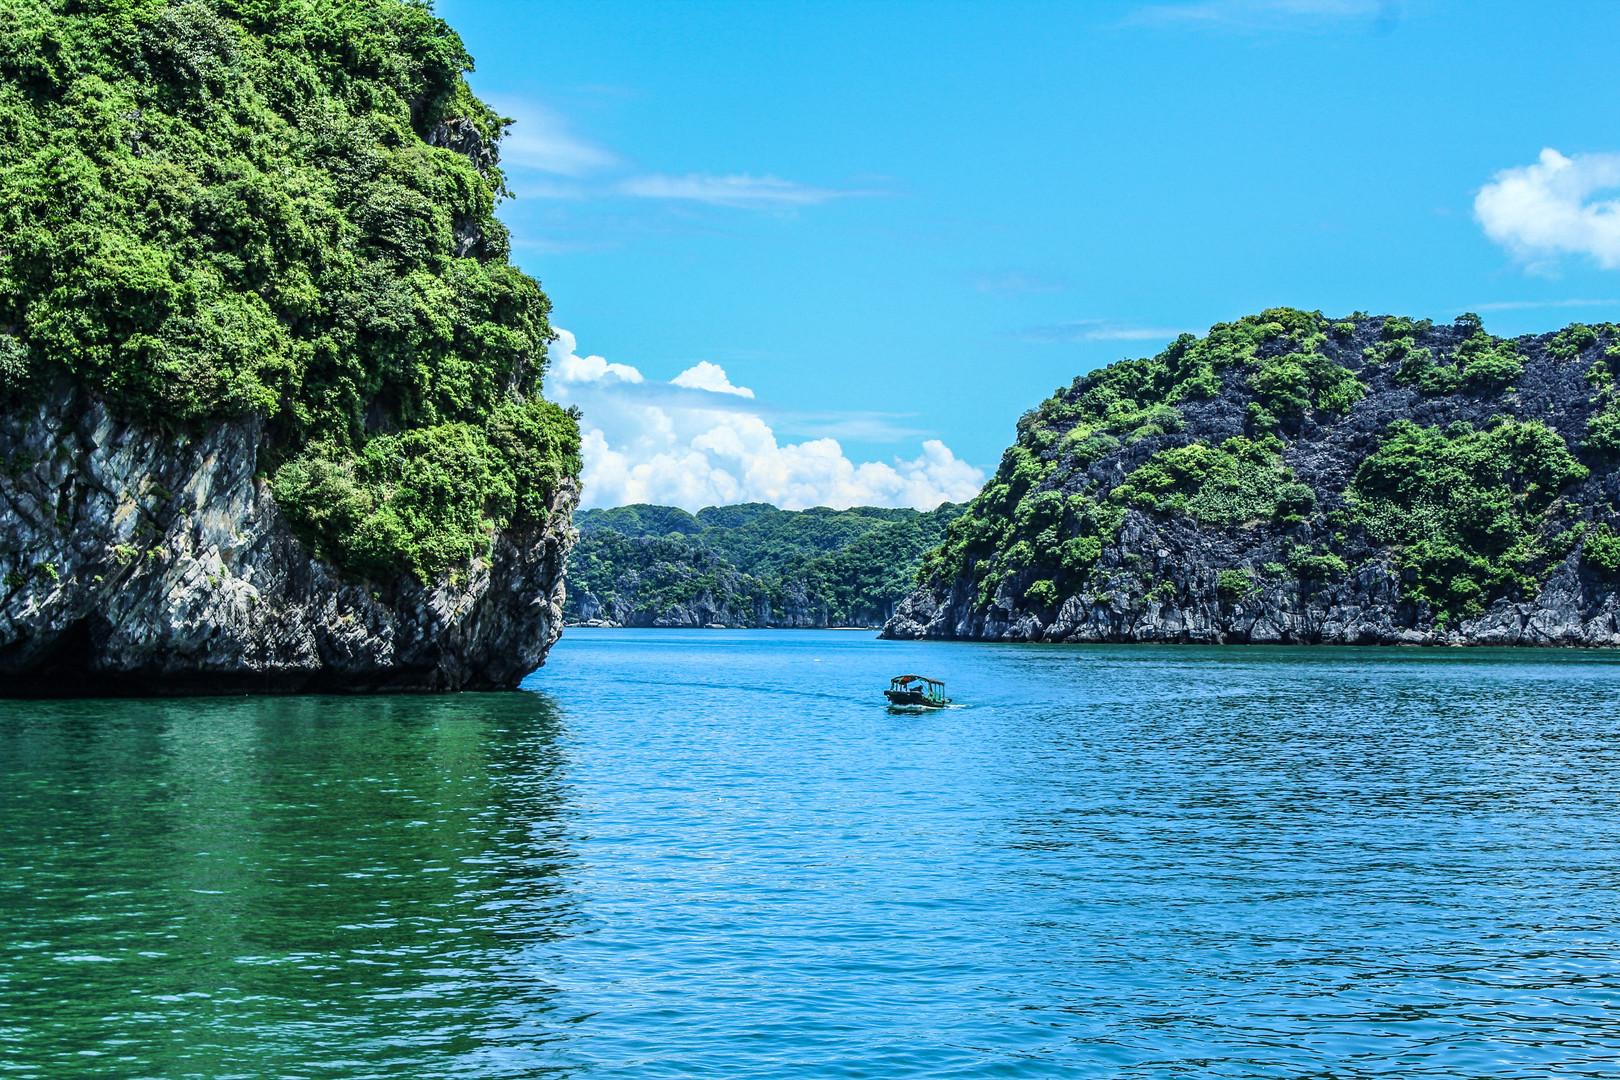 La baie d'Ha Long au Vietnam